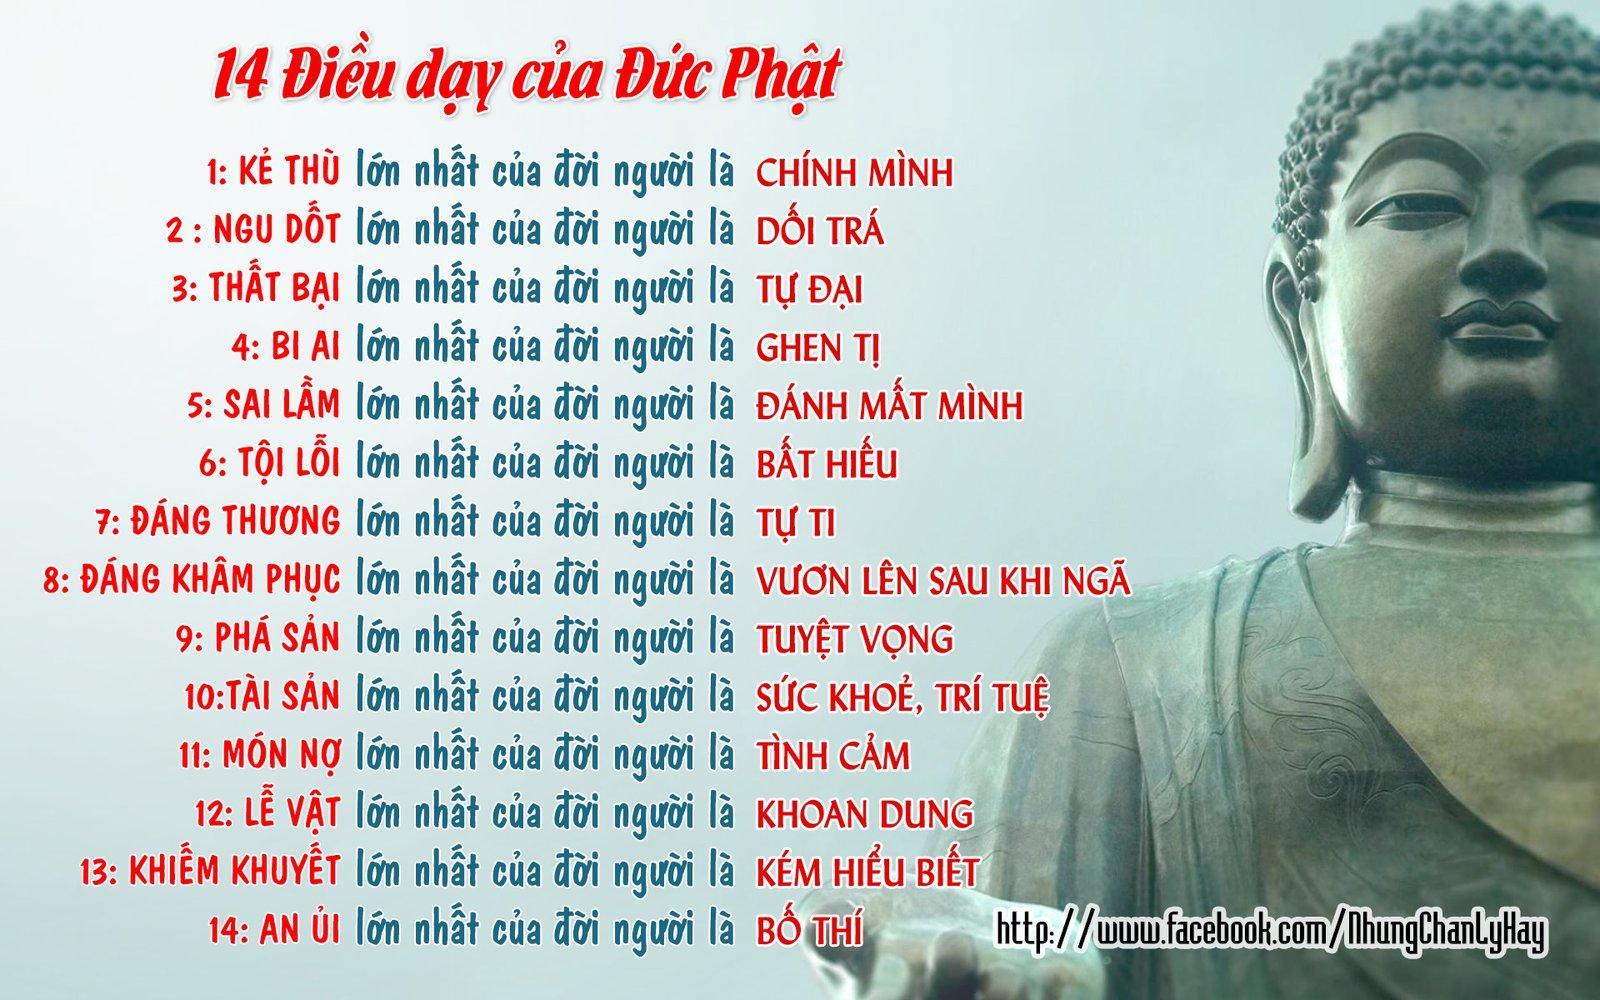 14 Điều Dạy Của Đức Phật